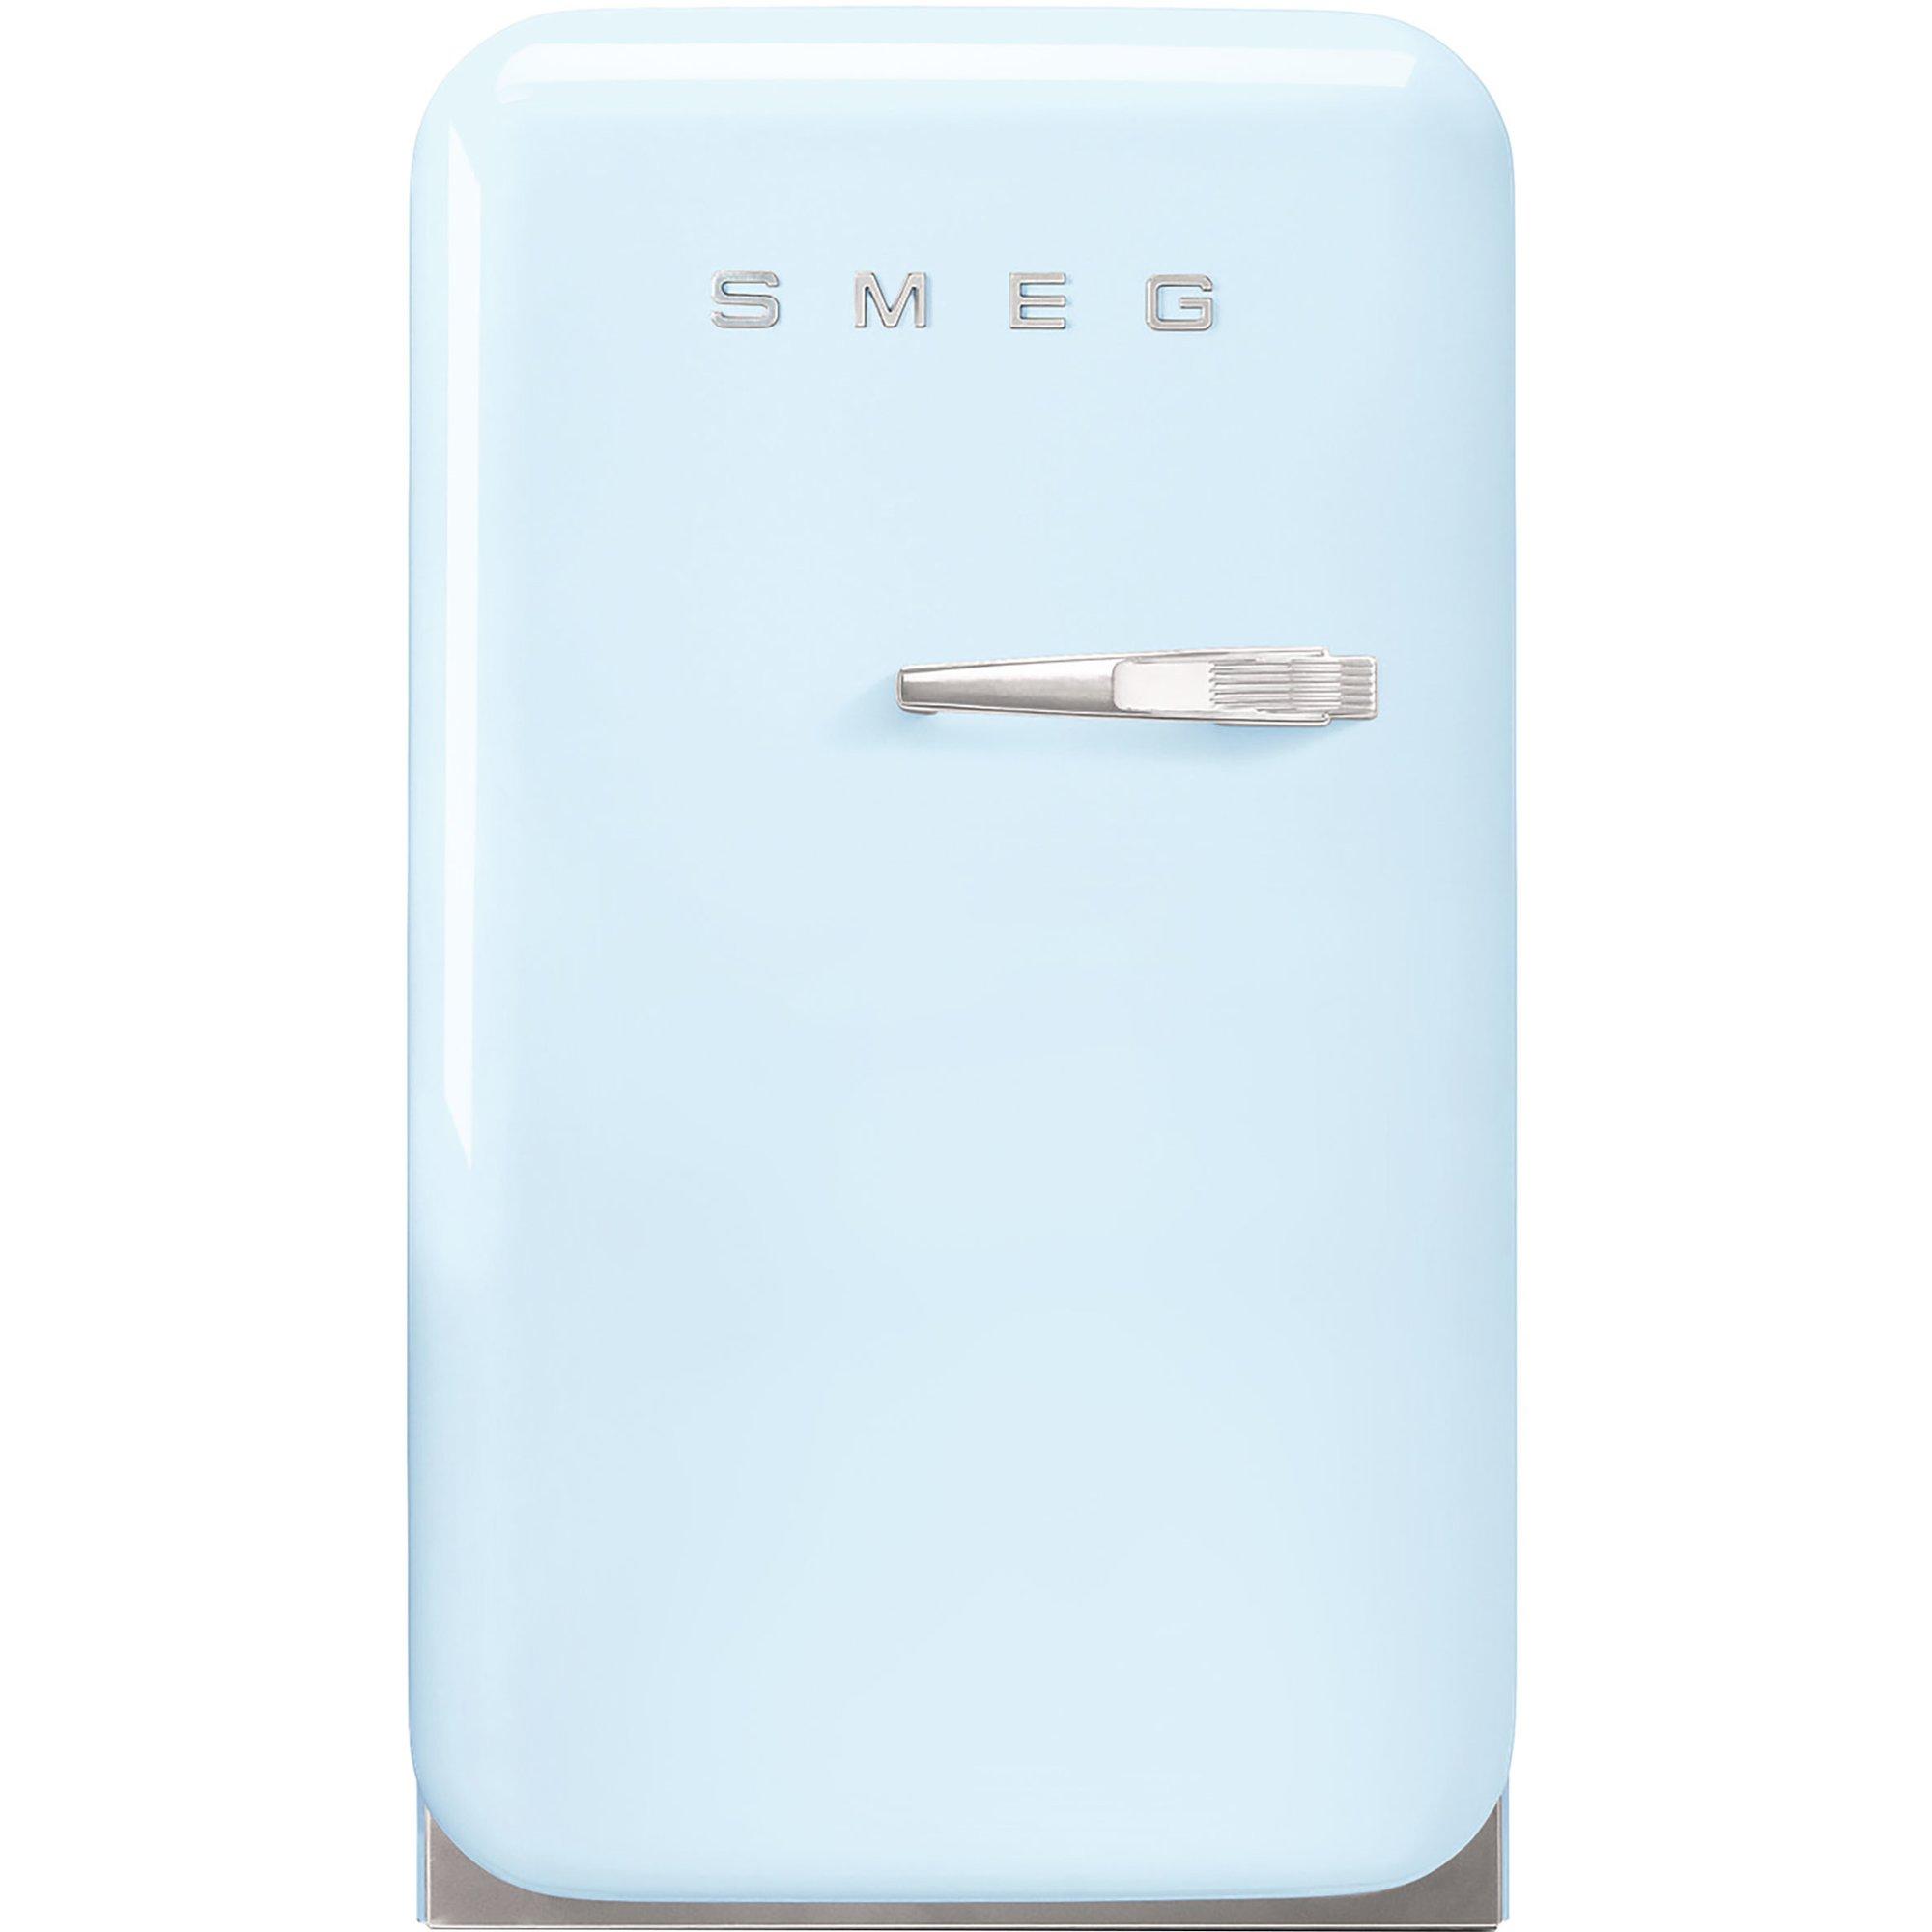 Smeg 74 cm kylskåp i retrostil vänsterhängt – pastellblå